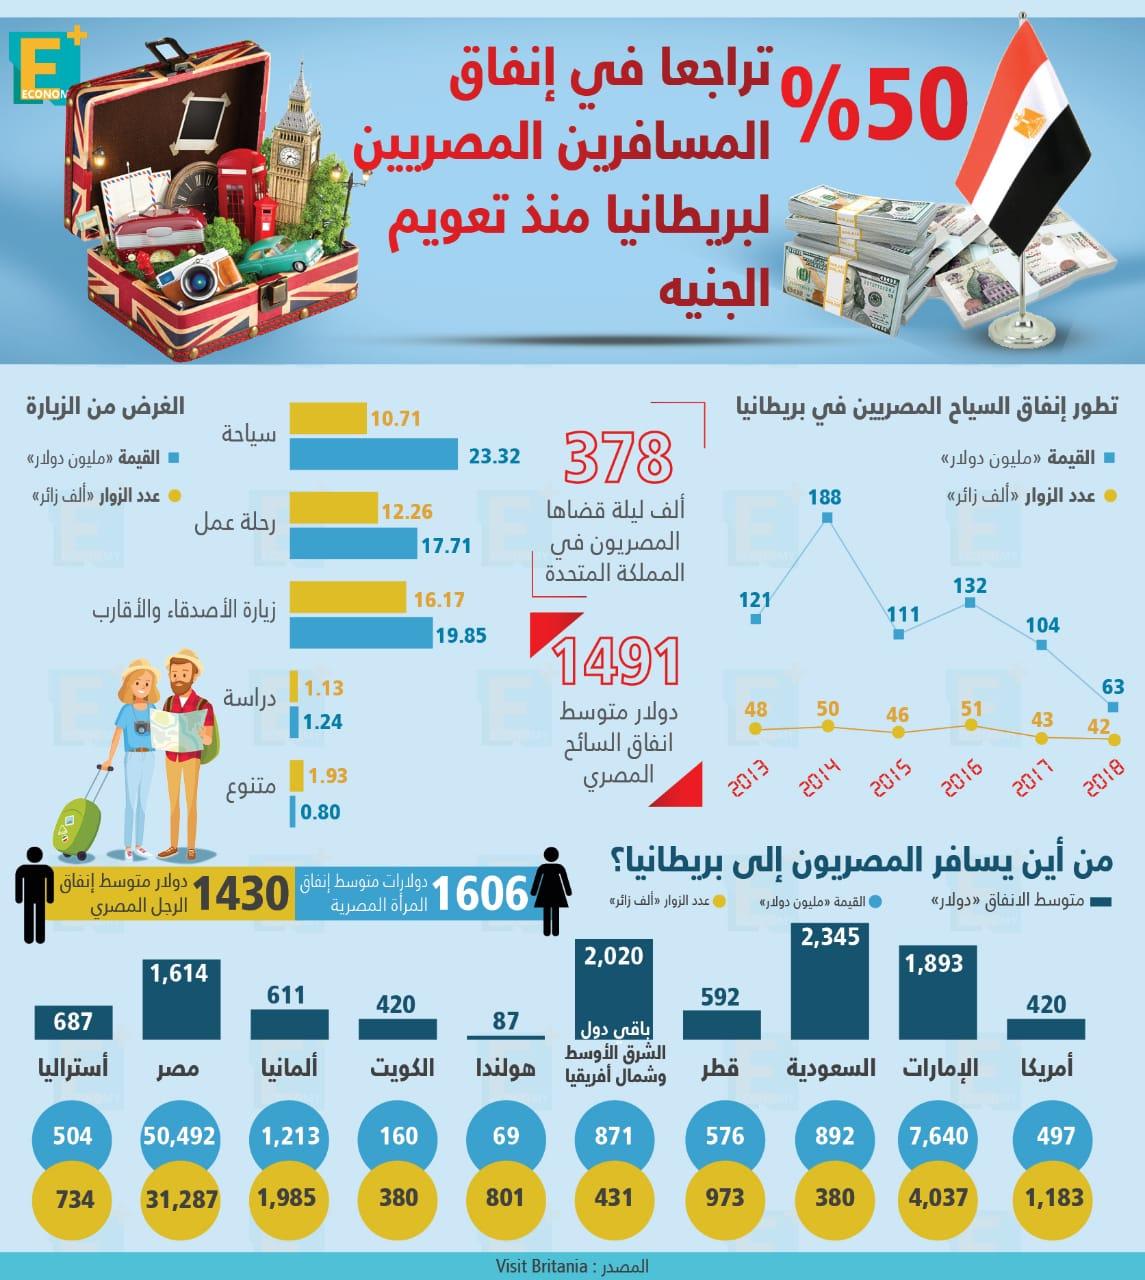 50 % تراجعا في إنفاق المسافرين المصريين لبريطانيا منذ تعويم الجنيه